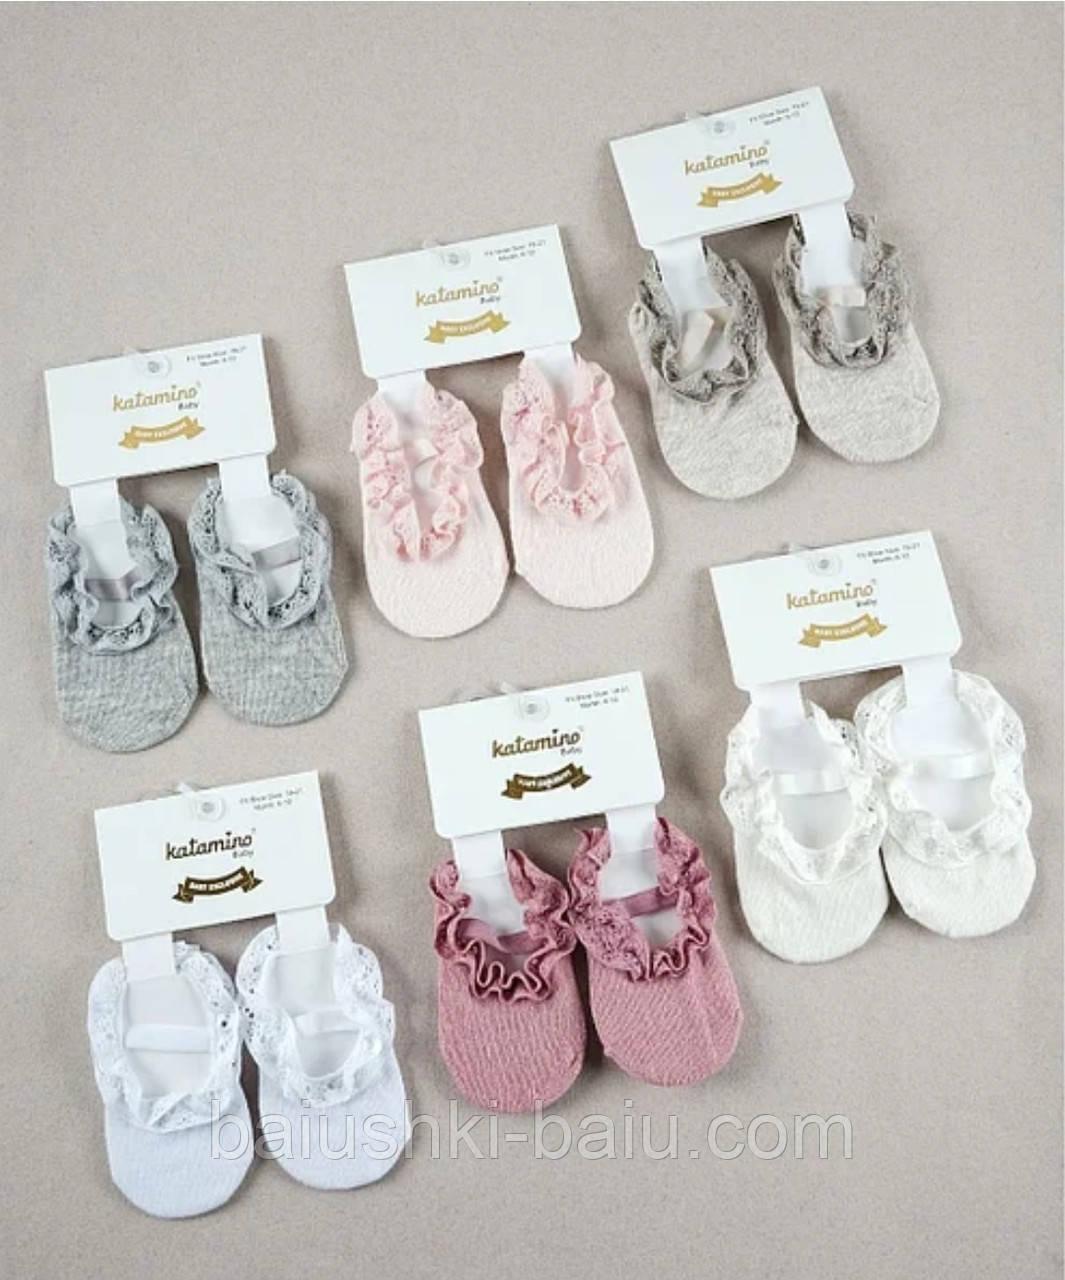 Детские хлопковые носки пинетки для новорожденной девочки, р. 6-12 мес (серые, кофейные)